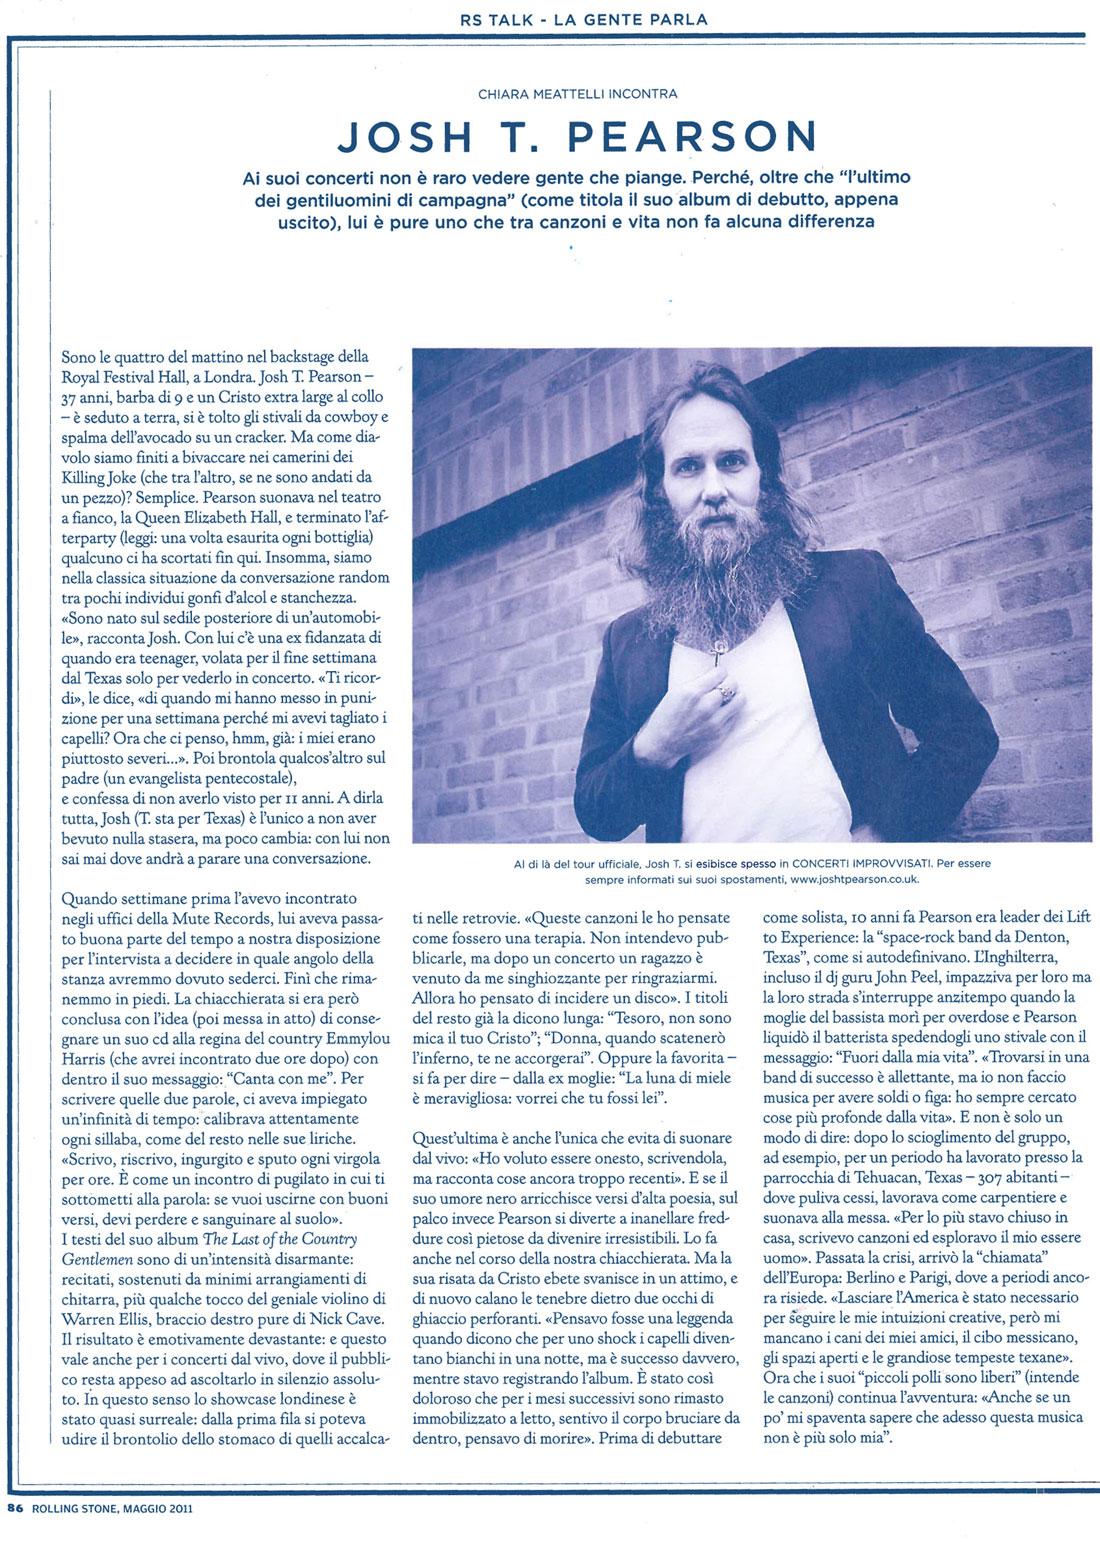 Rolling Stone magazine: Josh T. Pearson interview & photo